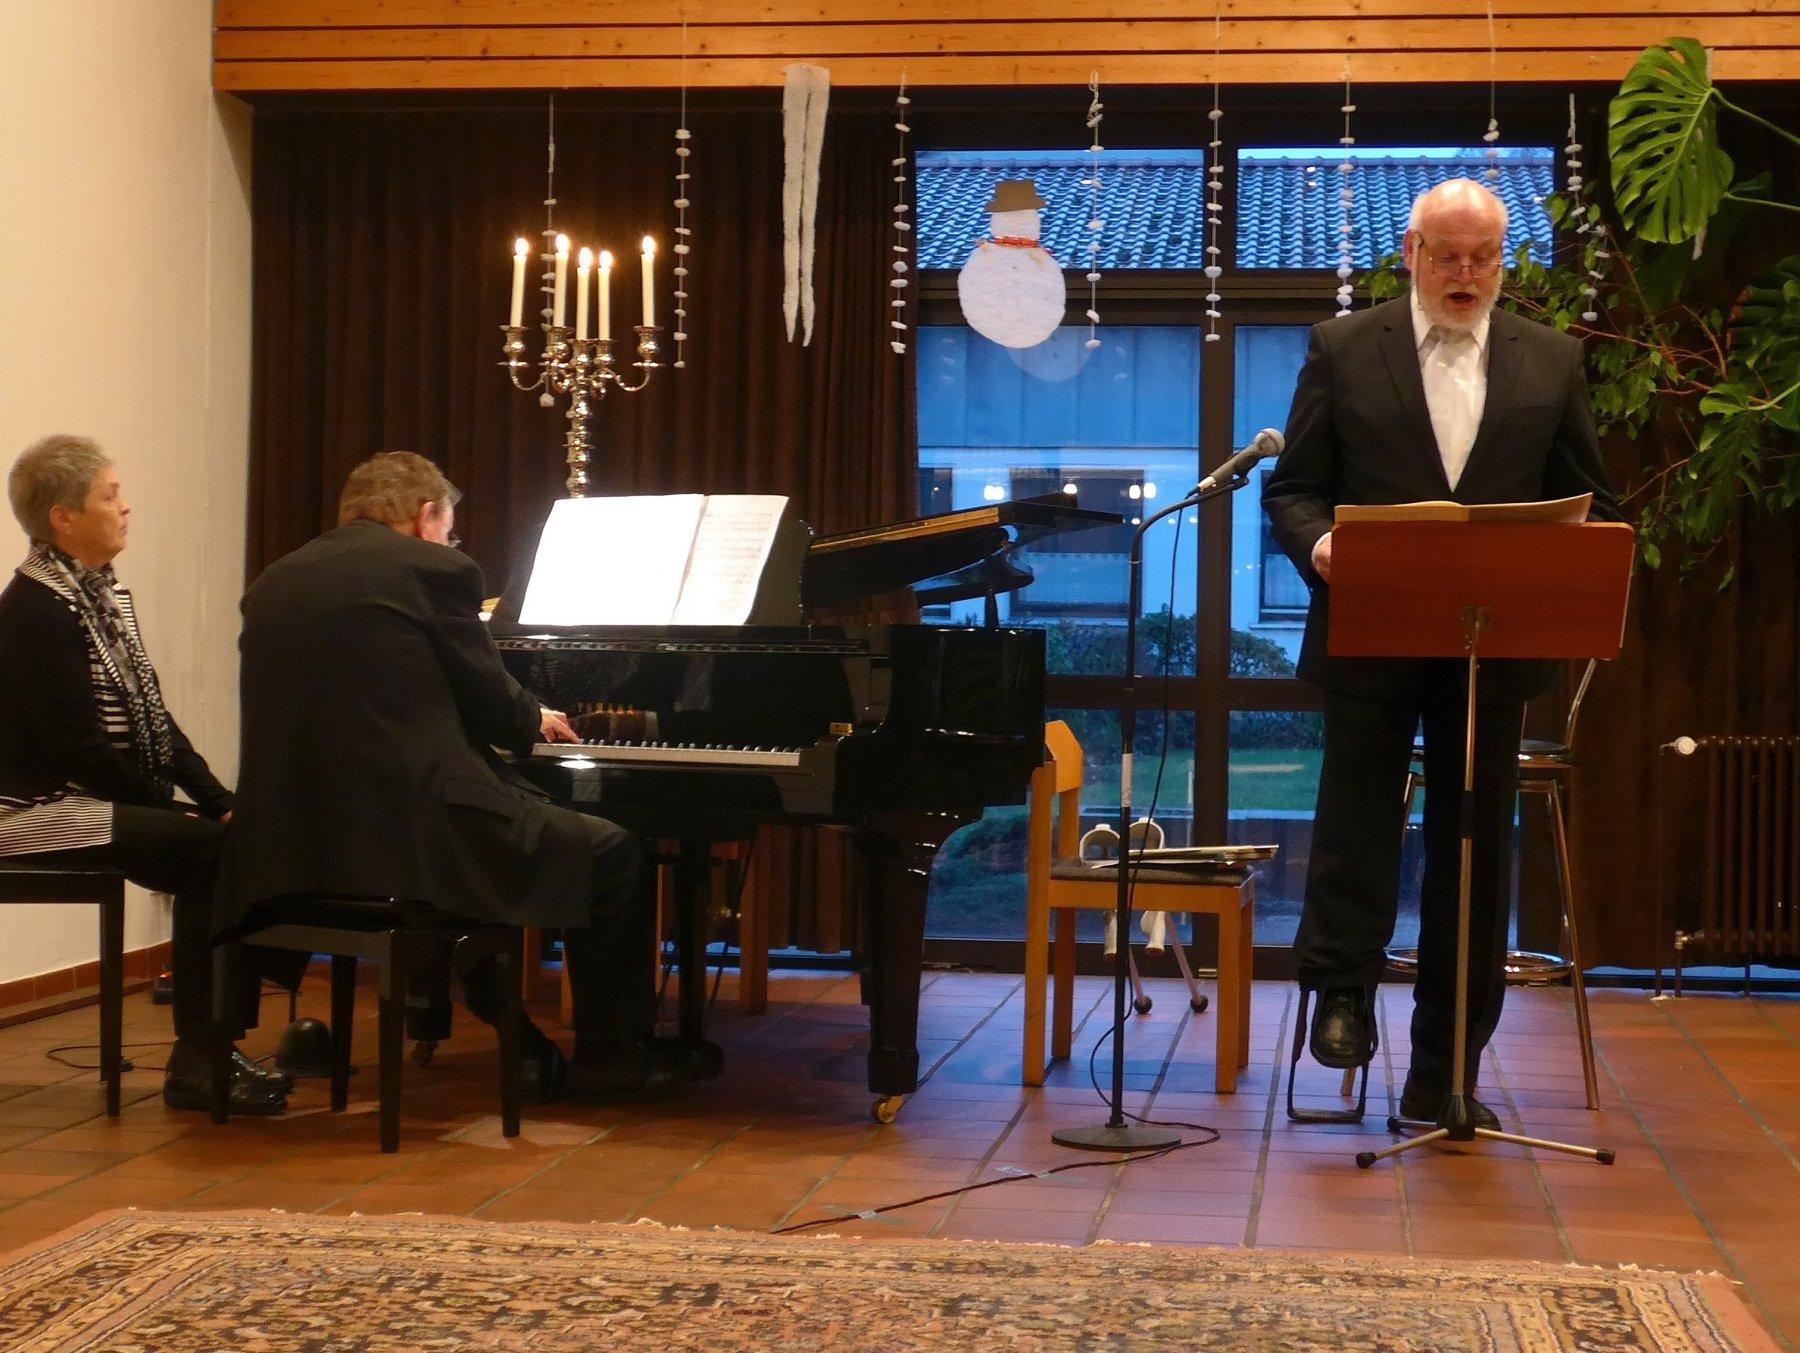 Der Pianist Achim Launhardt und der Bassist Gerrit Miehlke, beide aus Dortmund, gastierten Ende Januar auf Einladung der Kirchengemeinde Sankt Marien Sölde, für den Pastoralen Raum St. Ewaldi Dortmund, zum gemeinsamen Konzert. (Foto: Gemeinde)